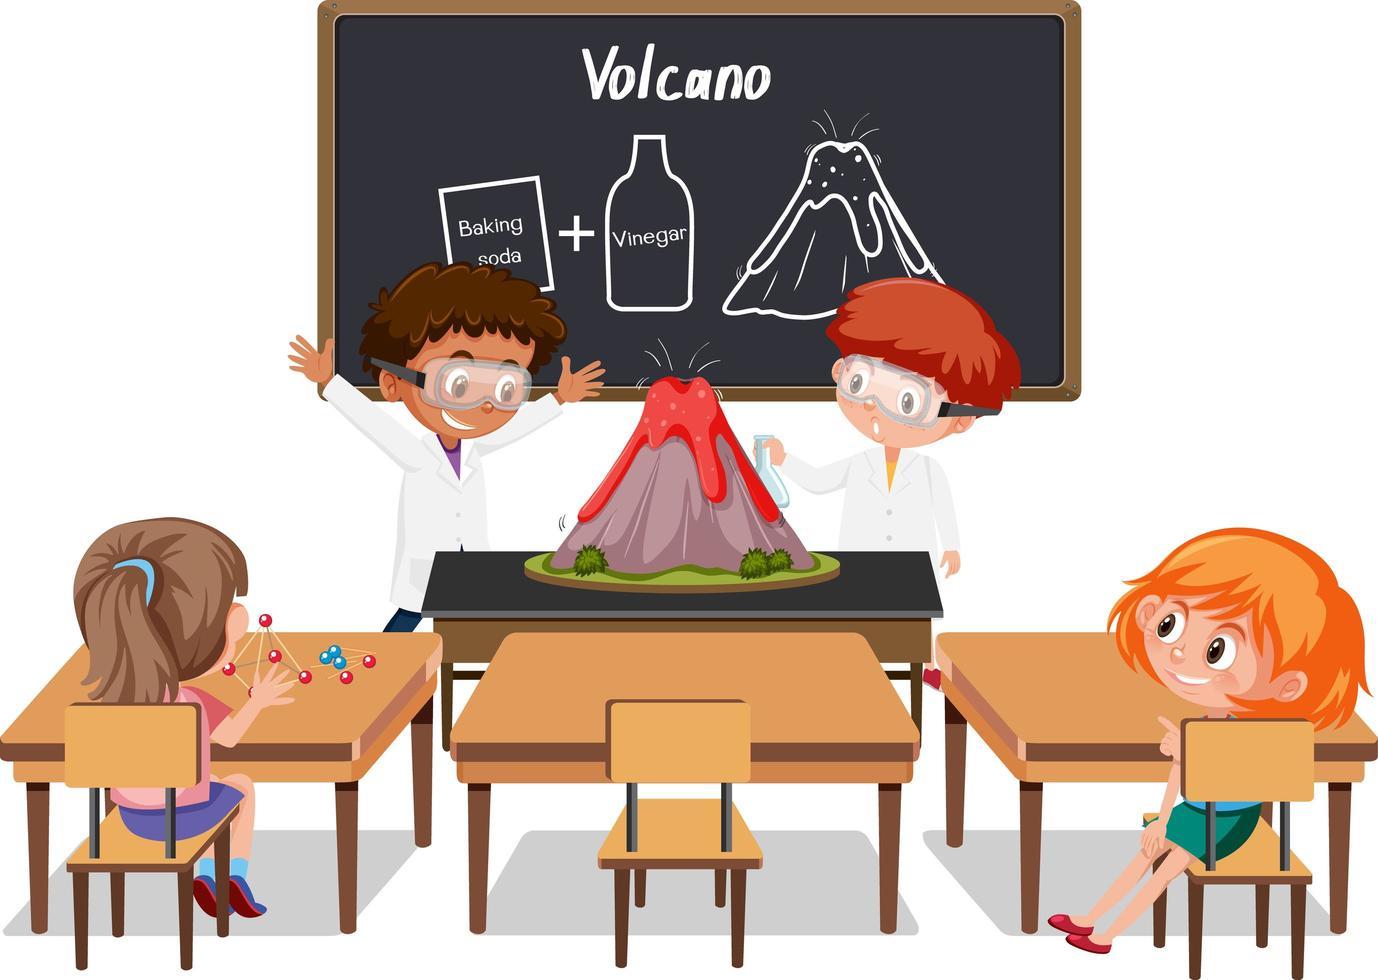 jeunes étudiants faisant une expérience de volcan dans la salle de classe vecteur